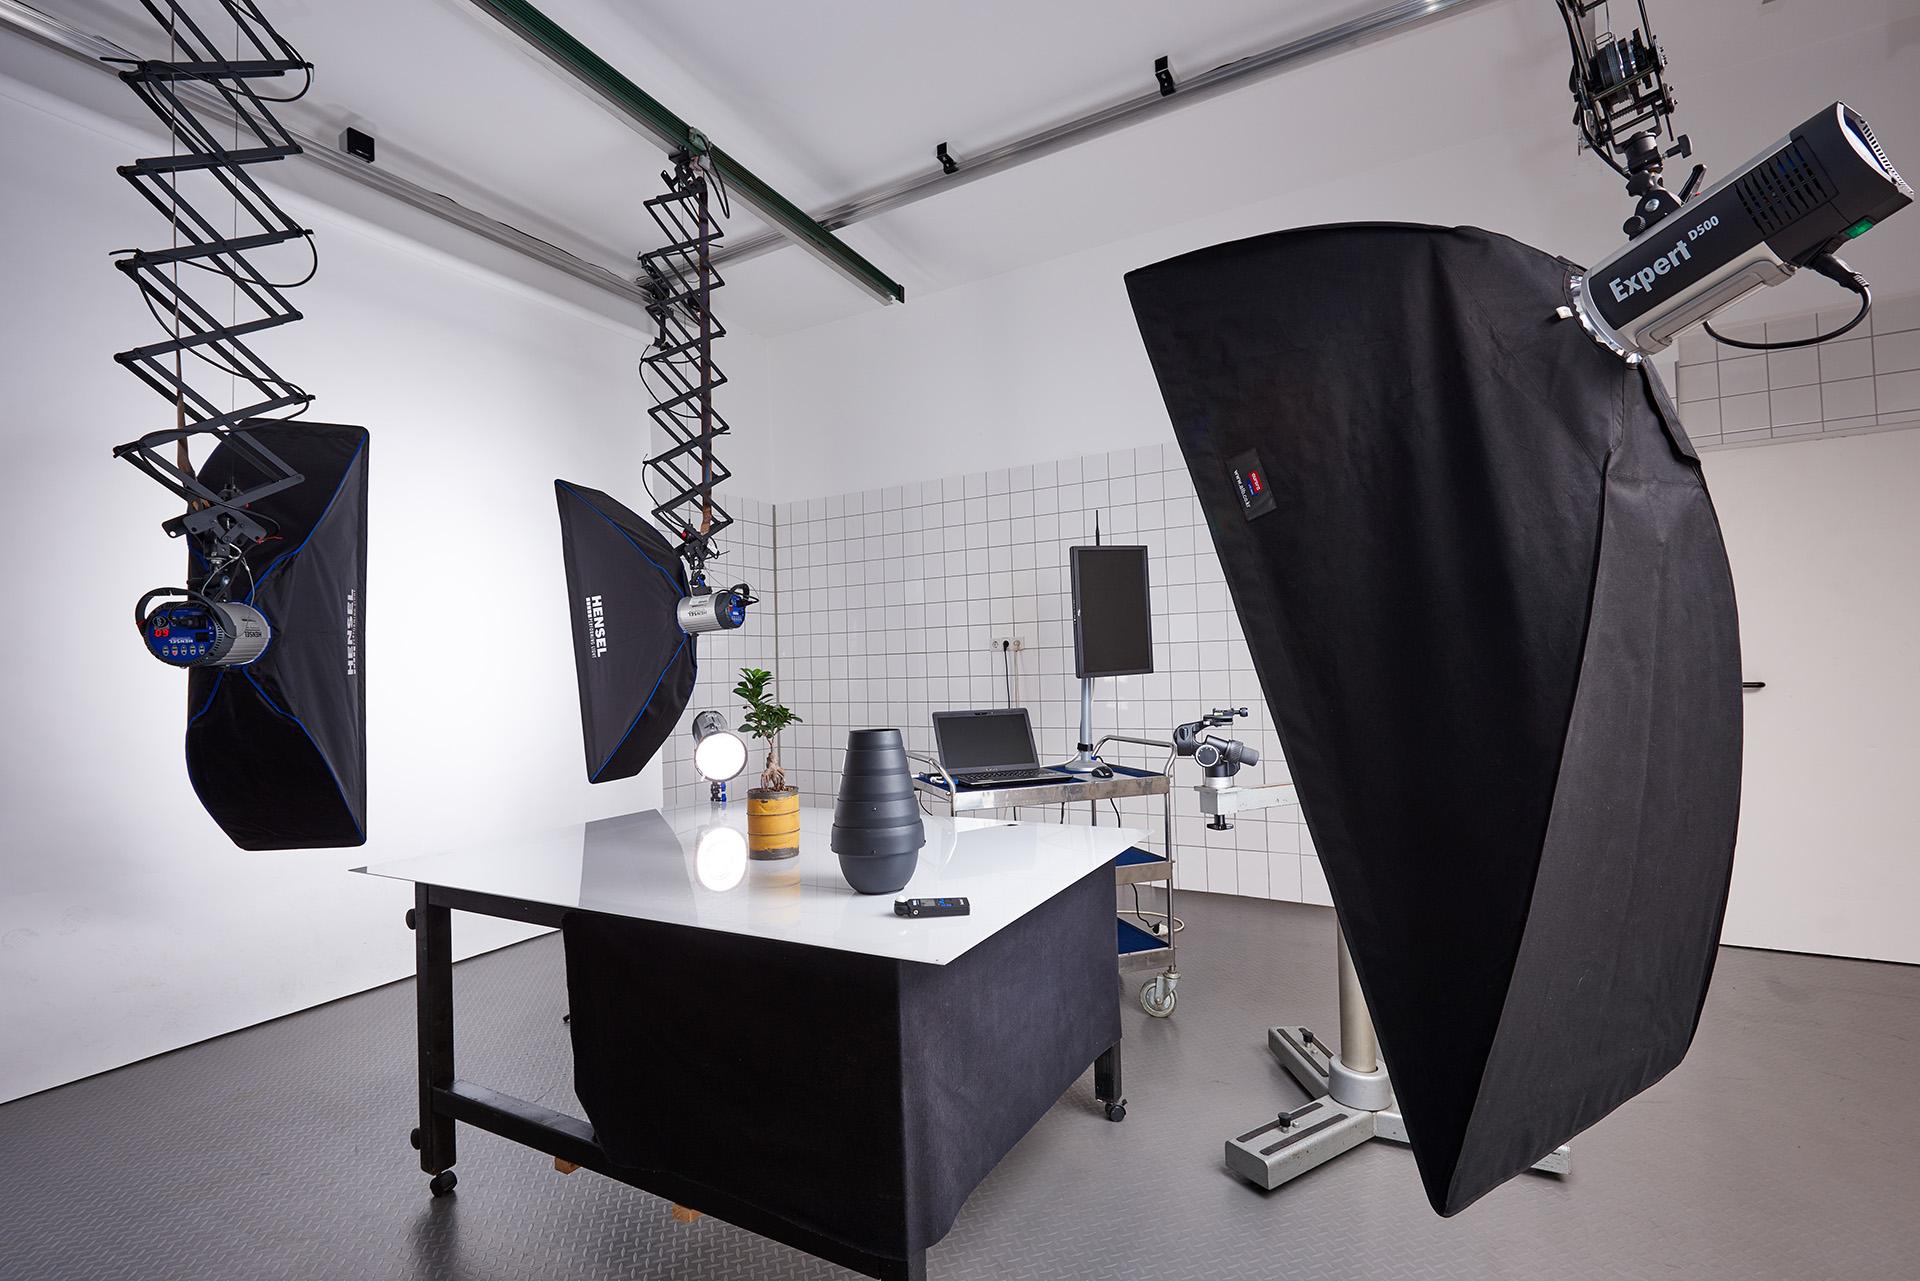 Studio 2 in einem typischen Freemask Setup